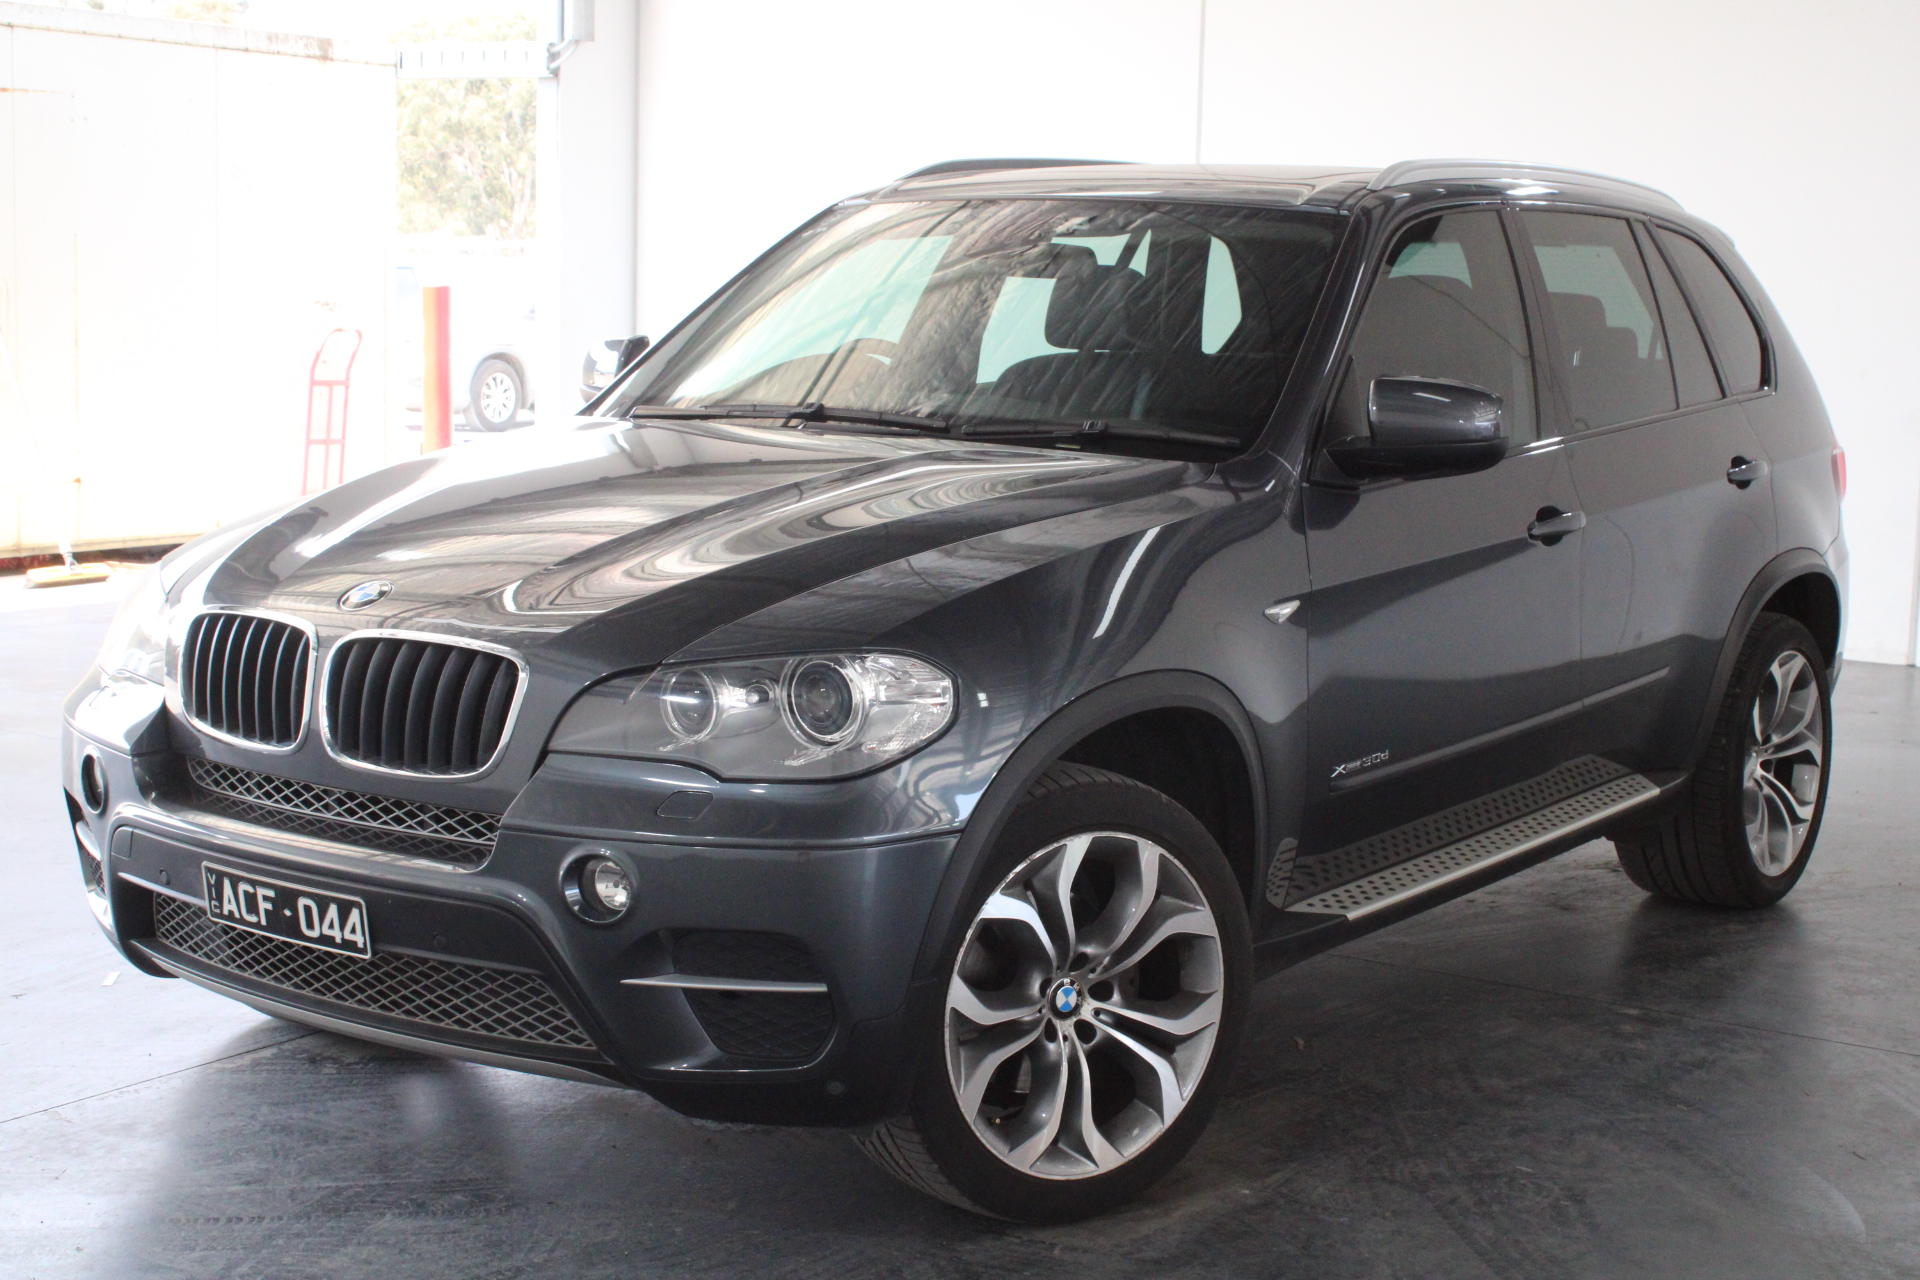 2011 BMW X5 xDrive 30d E70 LCI T/Diesel Automatic - 8 Speed 7 Seats Wagon